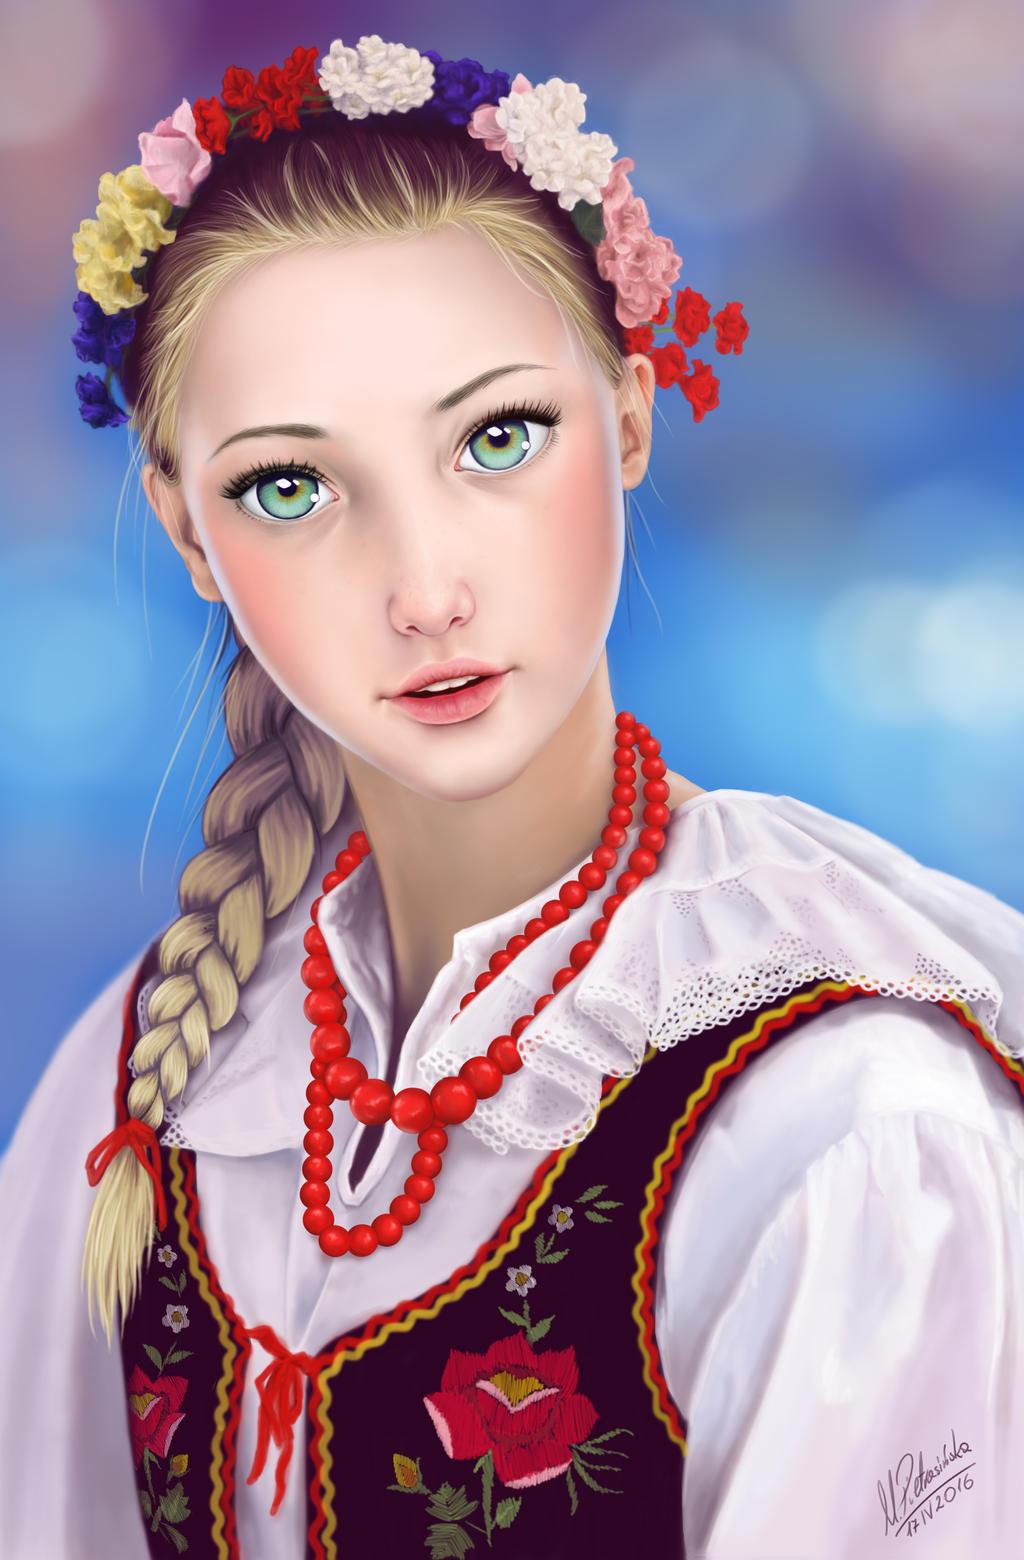 girl polish images - usseek.com